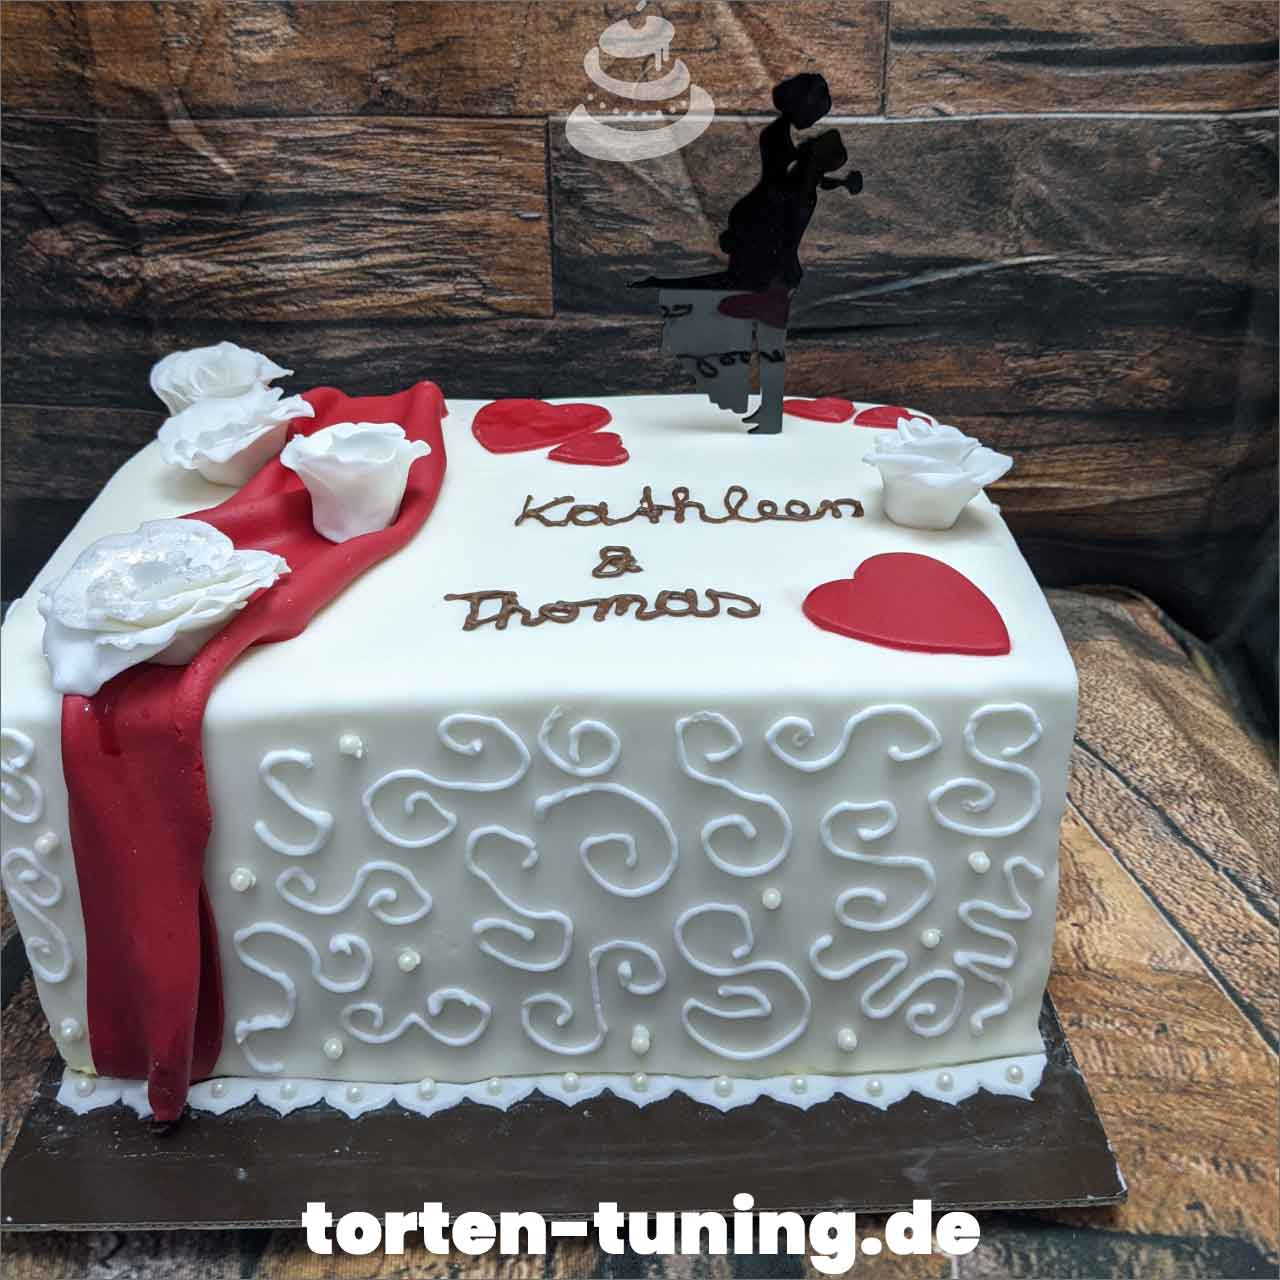 Hochzeitstorte eckig rot weiß Dripcake Obsttorte Geburtstagstorte Motivtorte Torte Tortendekoration Torte online bestellen Suhl Thüringen Torten Tuning Sahnetorte Tortenfiguren Cake Topper